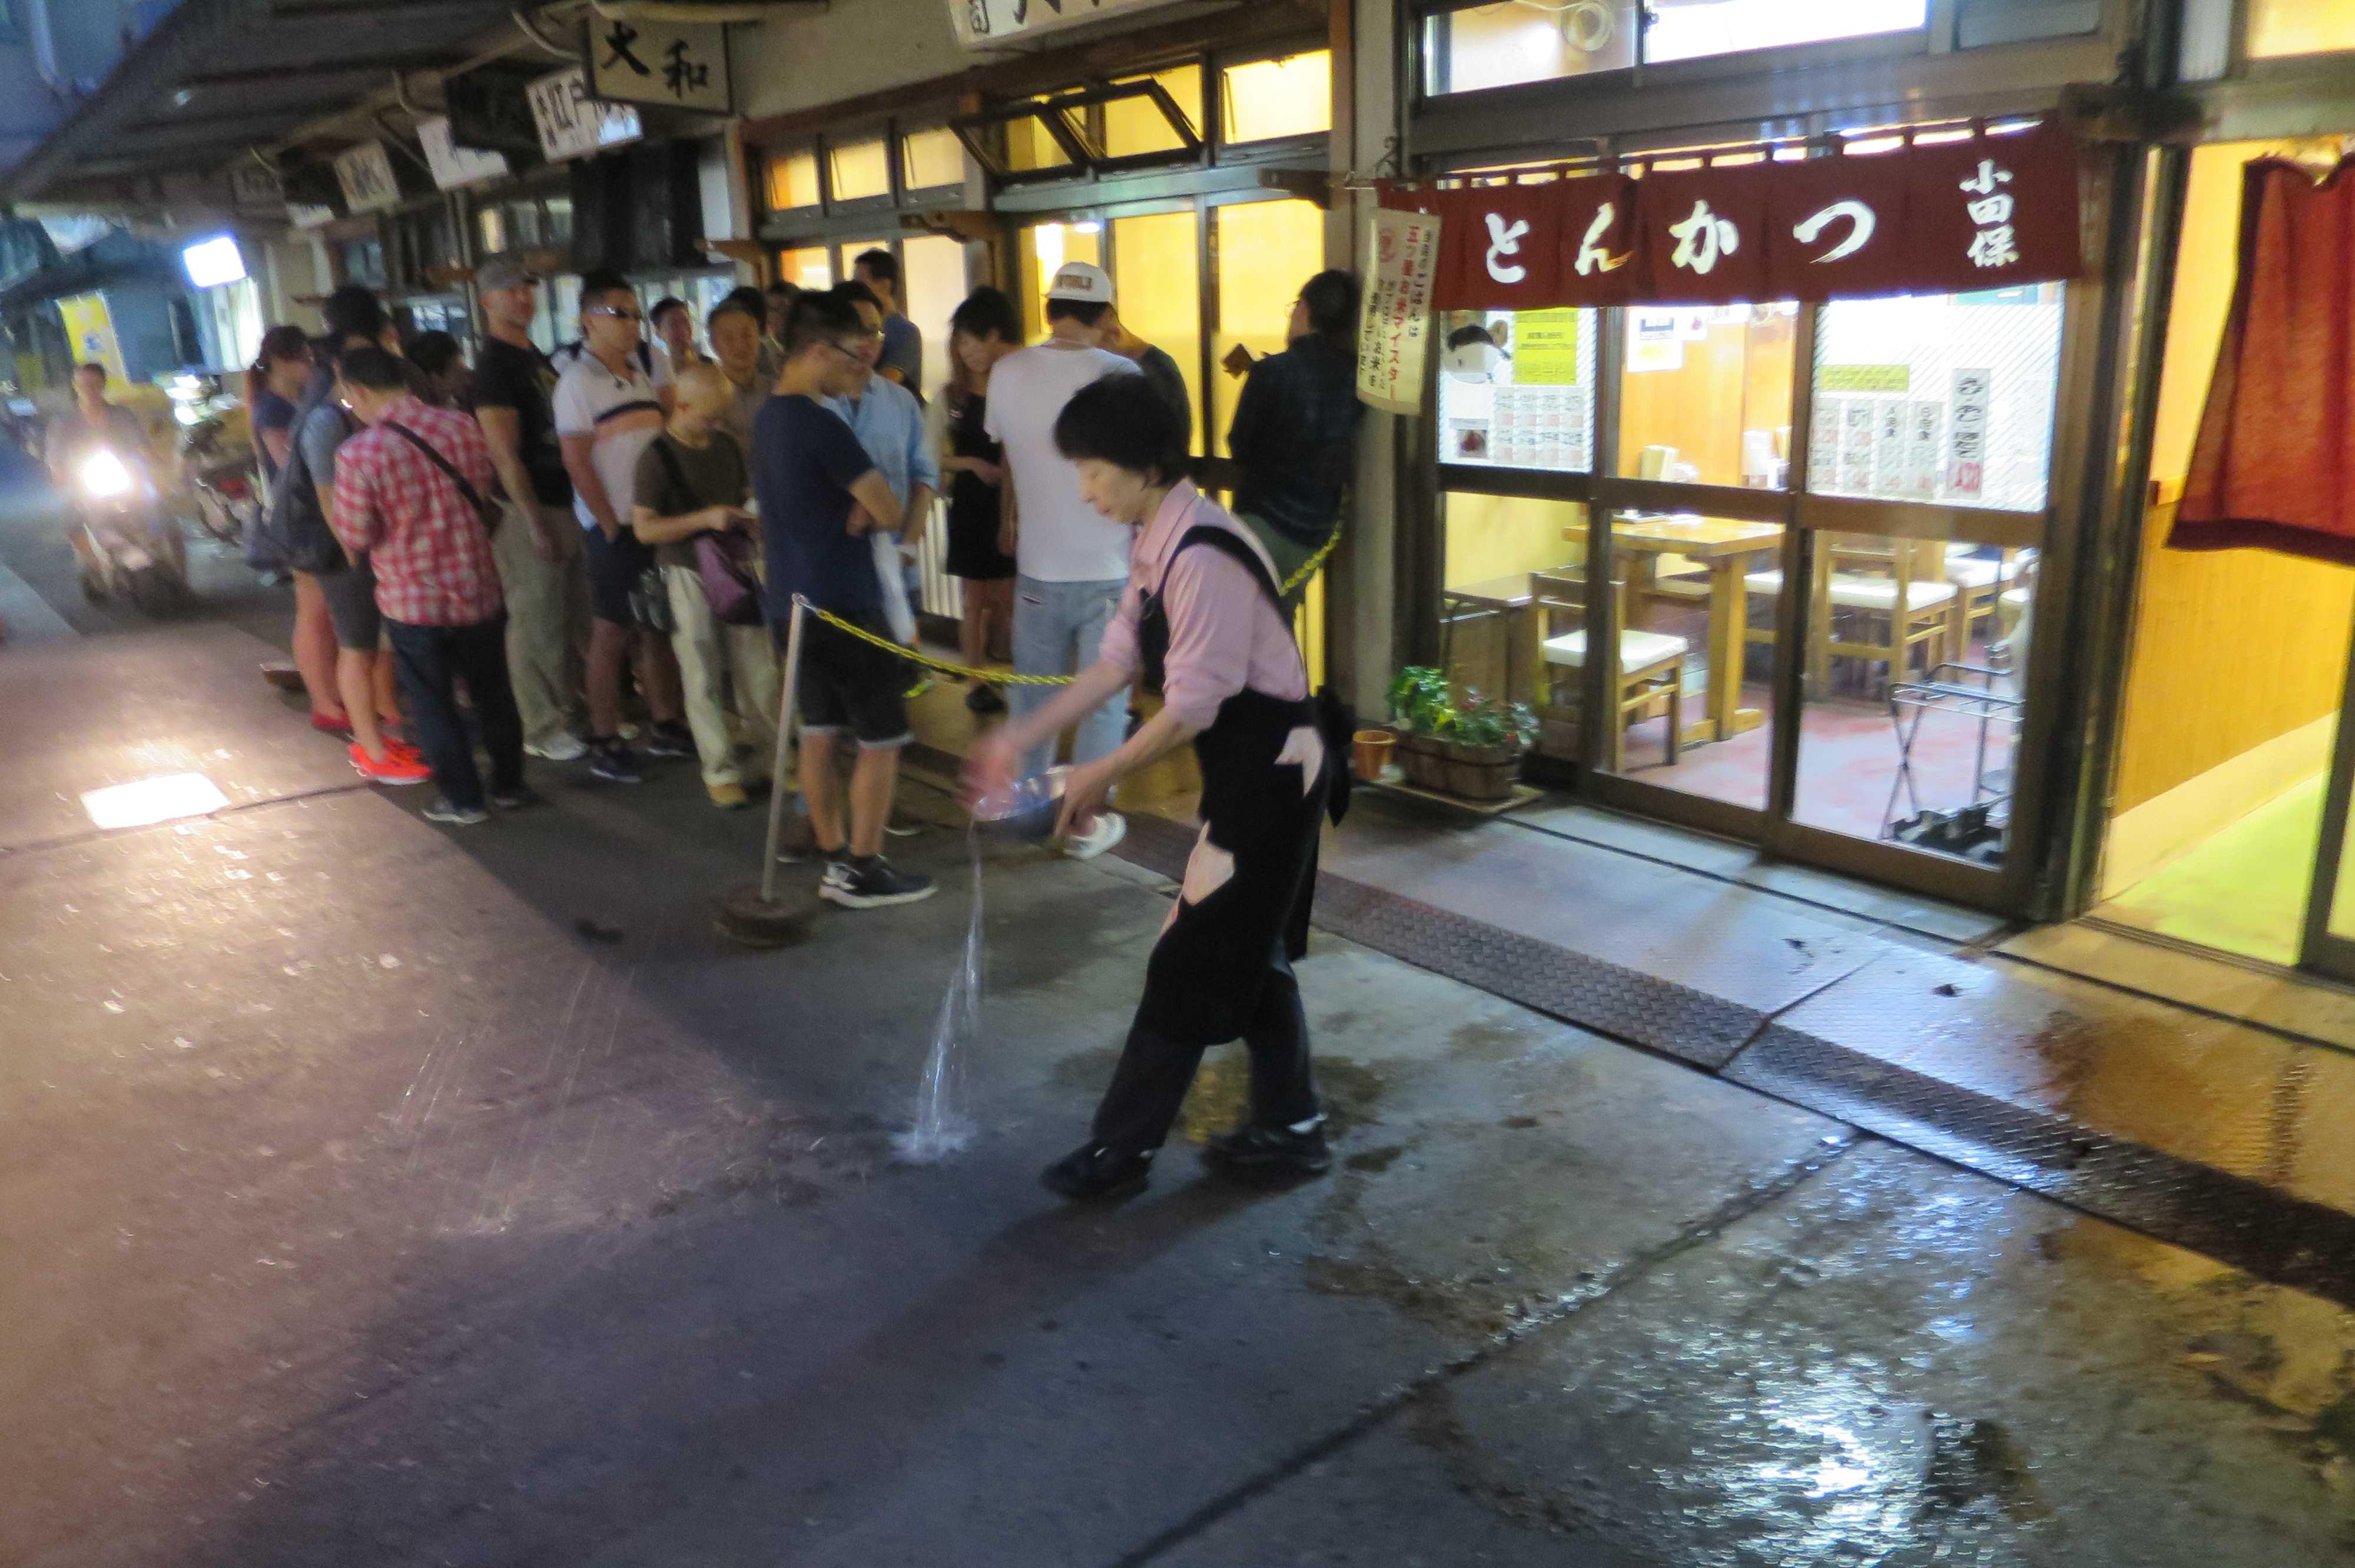 築地市場(場内) - 大和寿司 (だいわすし)前の行列